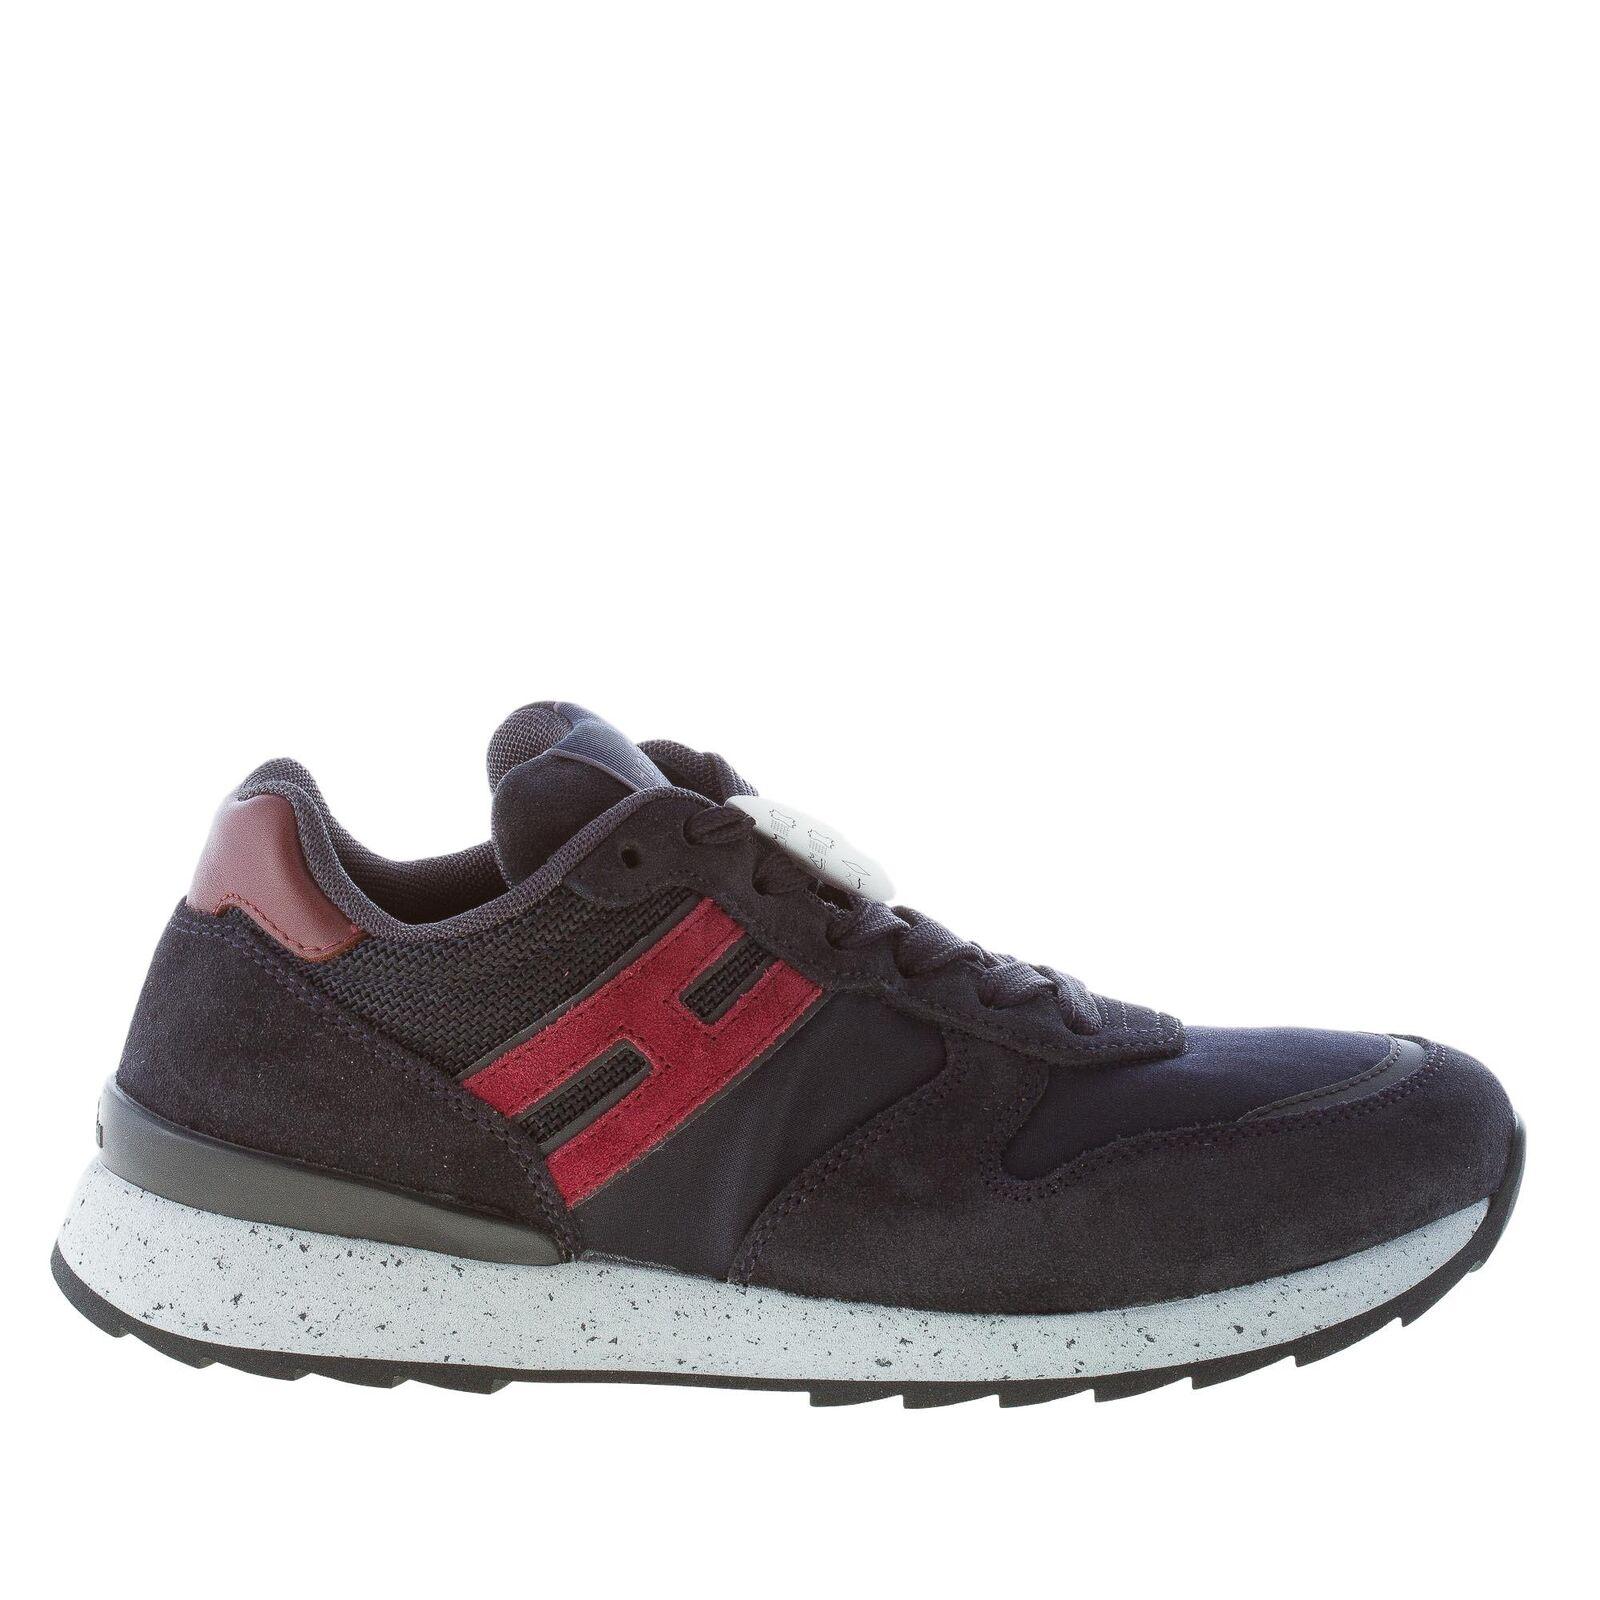 Hogan zapatos caballero running r261 r261 r261 azul de gamuza Tech-cortos tejidos 6edefd